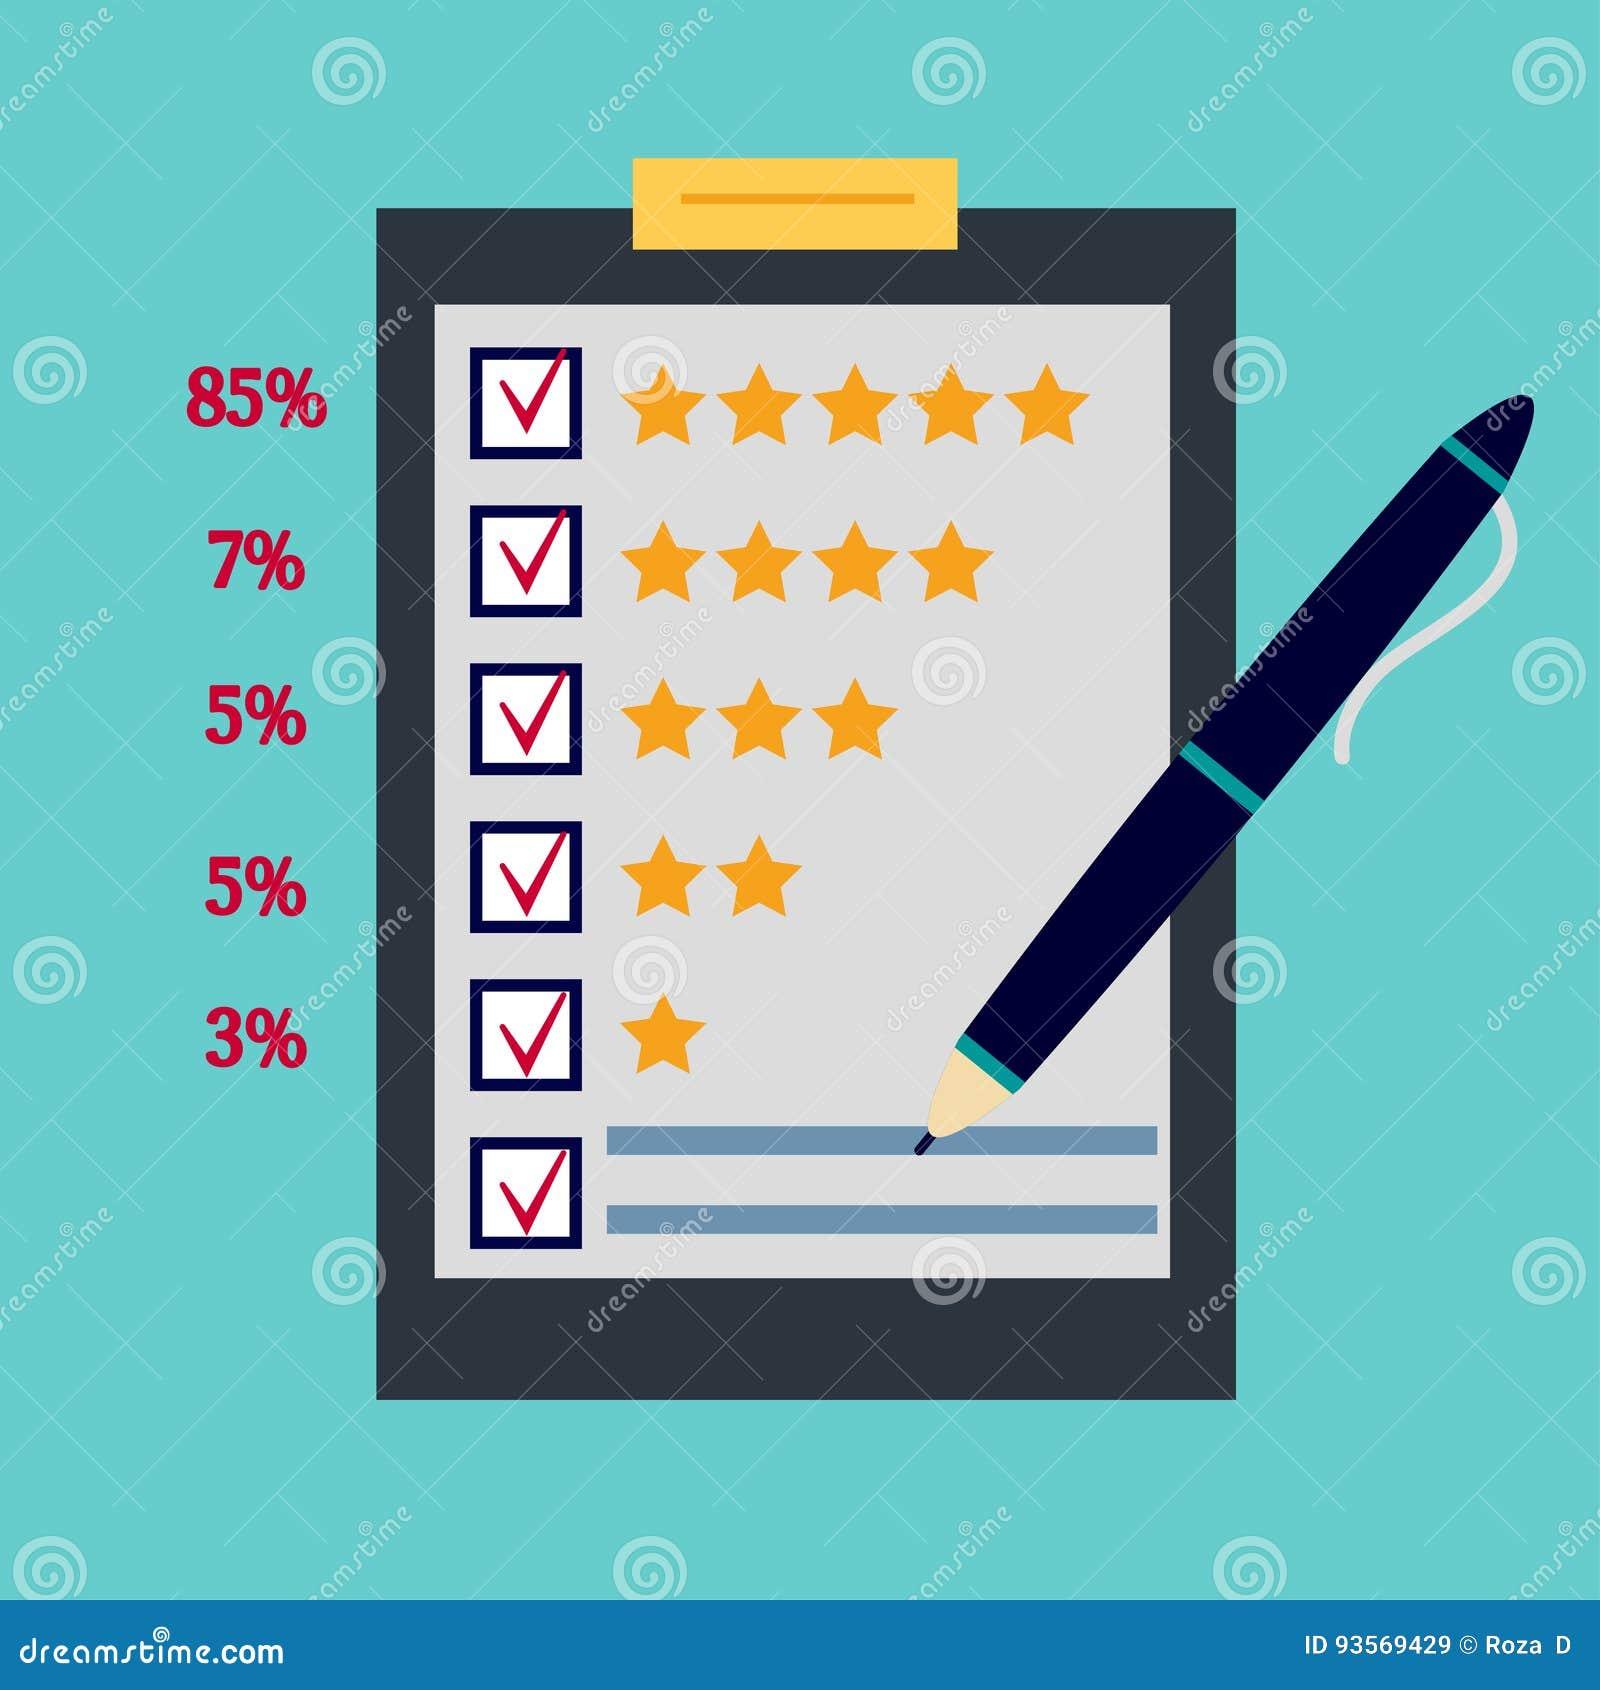 Το ερωτηματολόγιο, πελάτης ανατροφοδοτεί τις στατιστικές σε ποσοστό